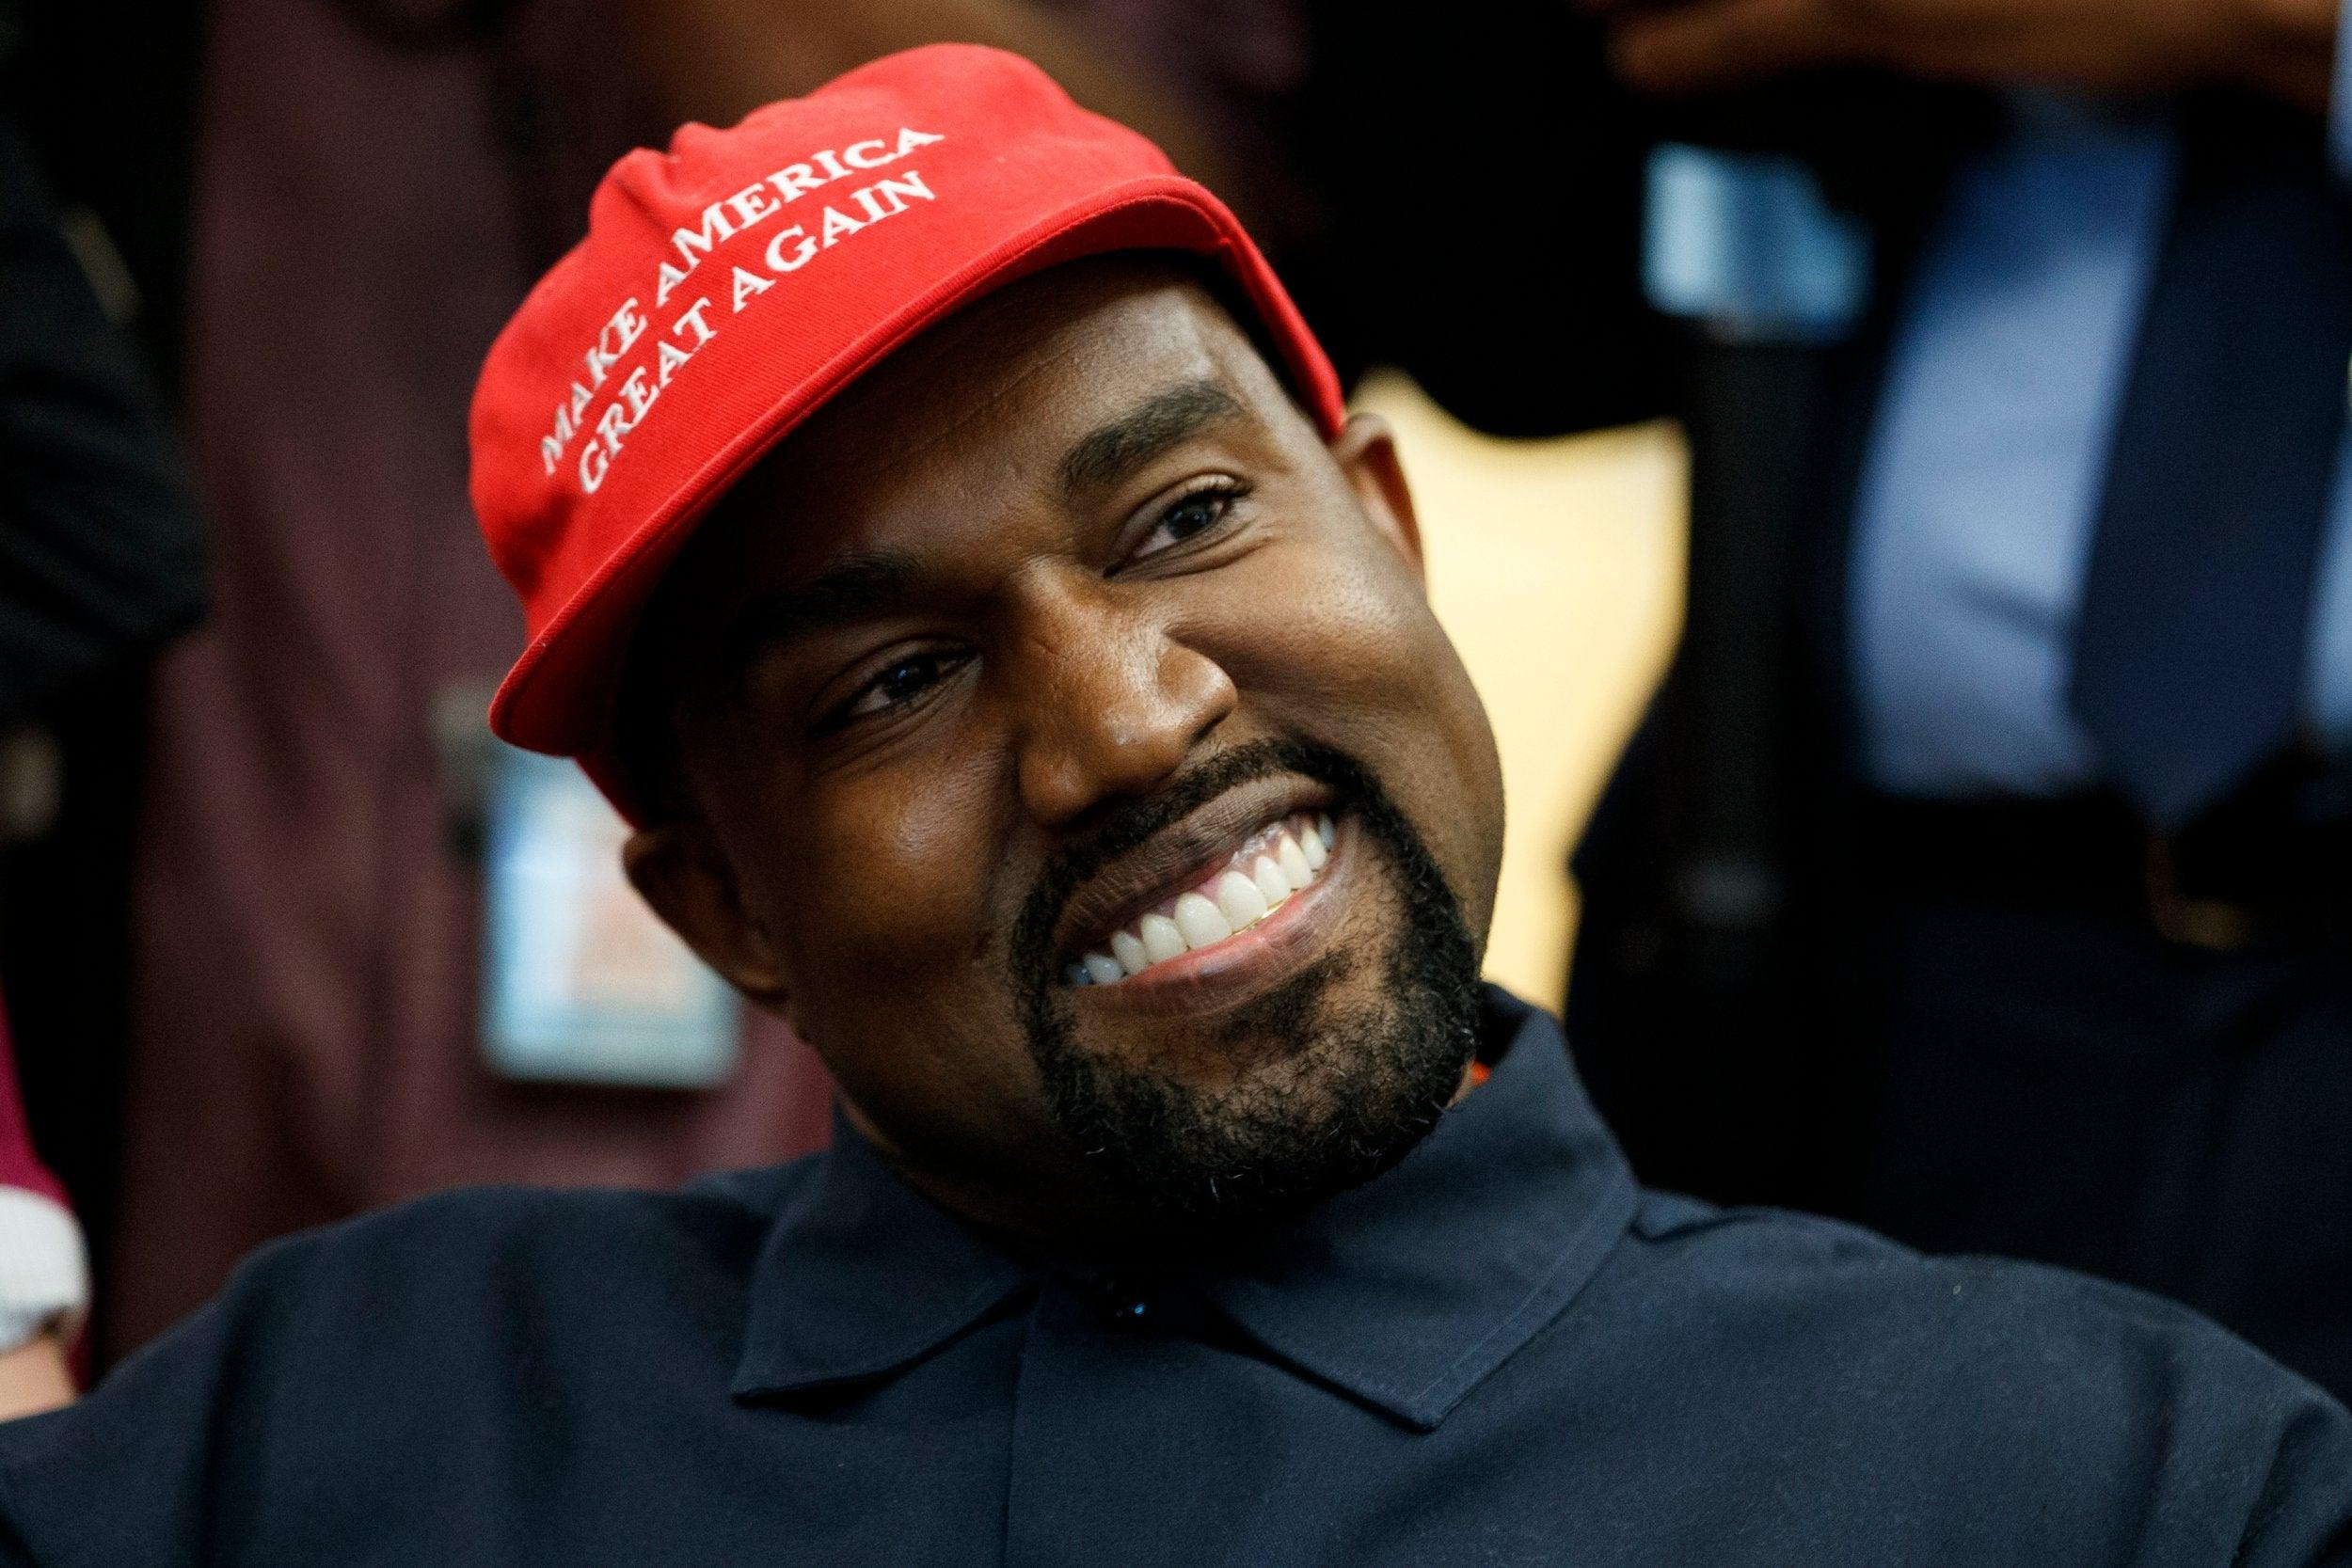 Le rappeur Kanye West est candidat à la présidence des Etats-Unis